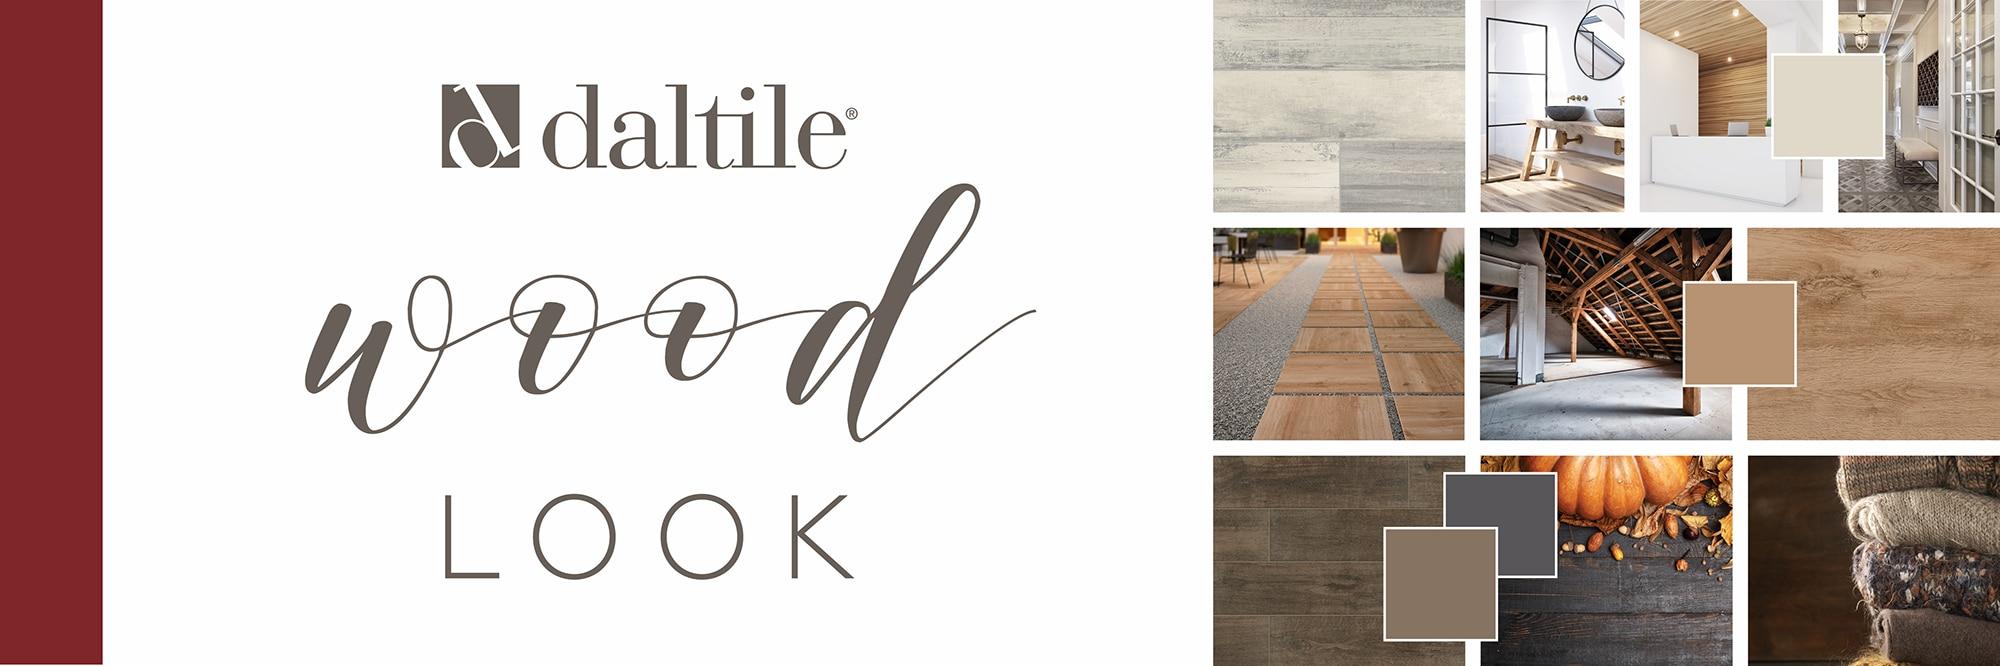 Daltile - Wood Look